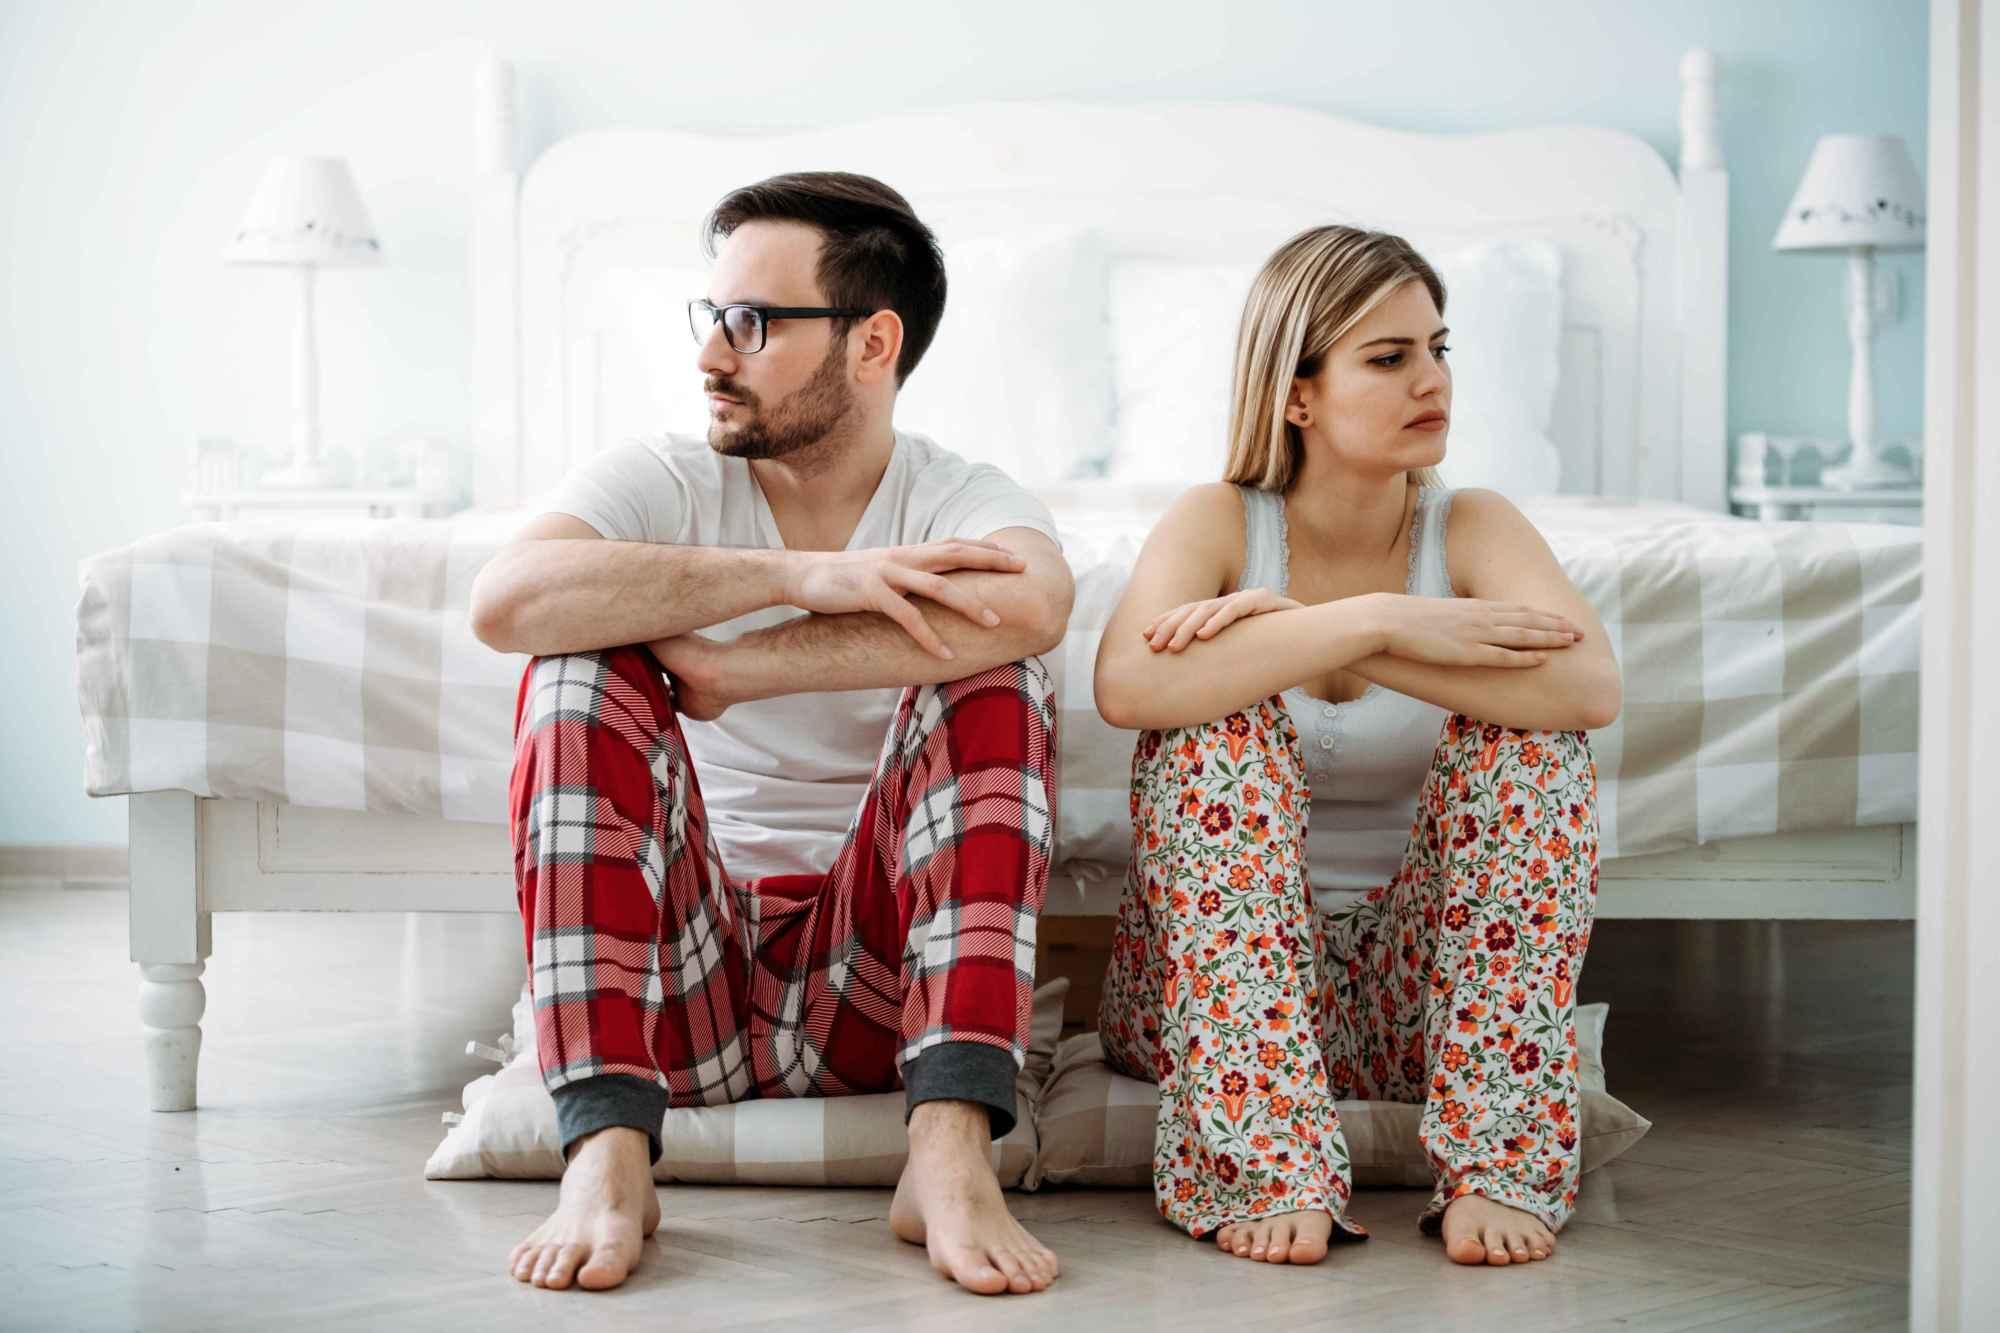 原创夫妻生活少,危害比你想象的严重,5个负面影响,你知道吗?